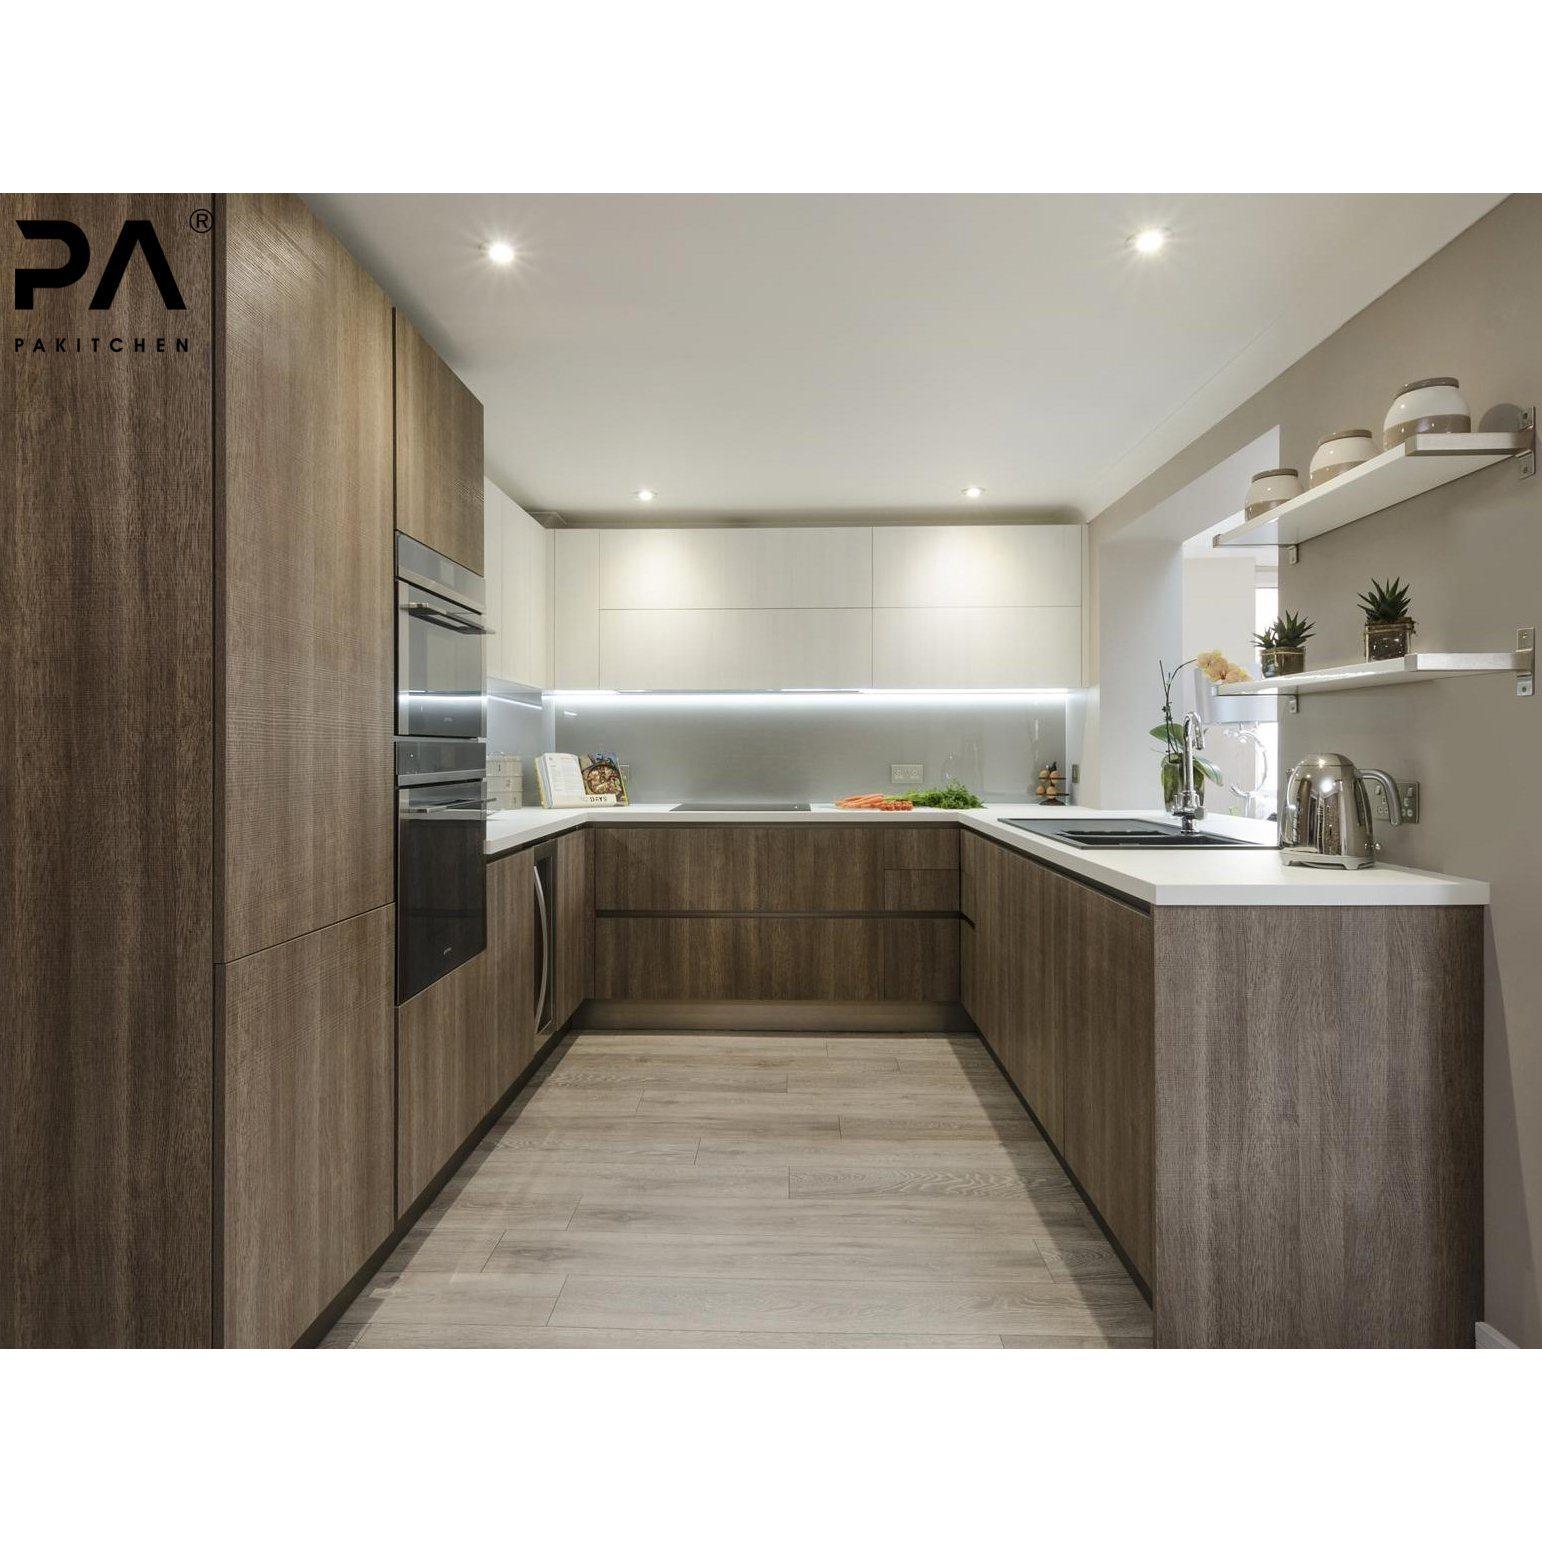 Hot Item Best Price U Shaped Kitchen Furniture Pakistan Modern Wooden Melamine Kitchen Cabinetry